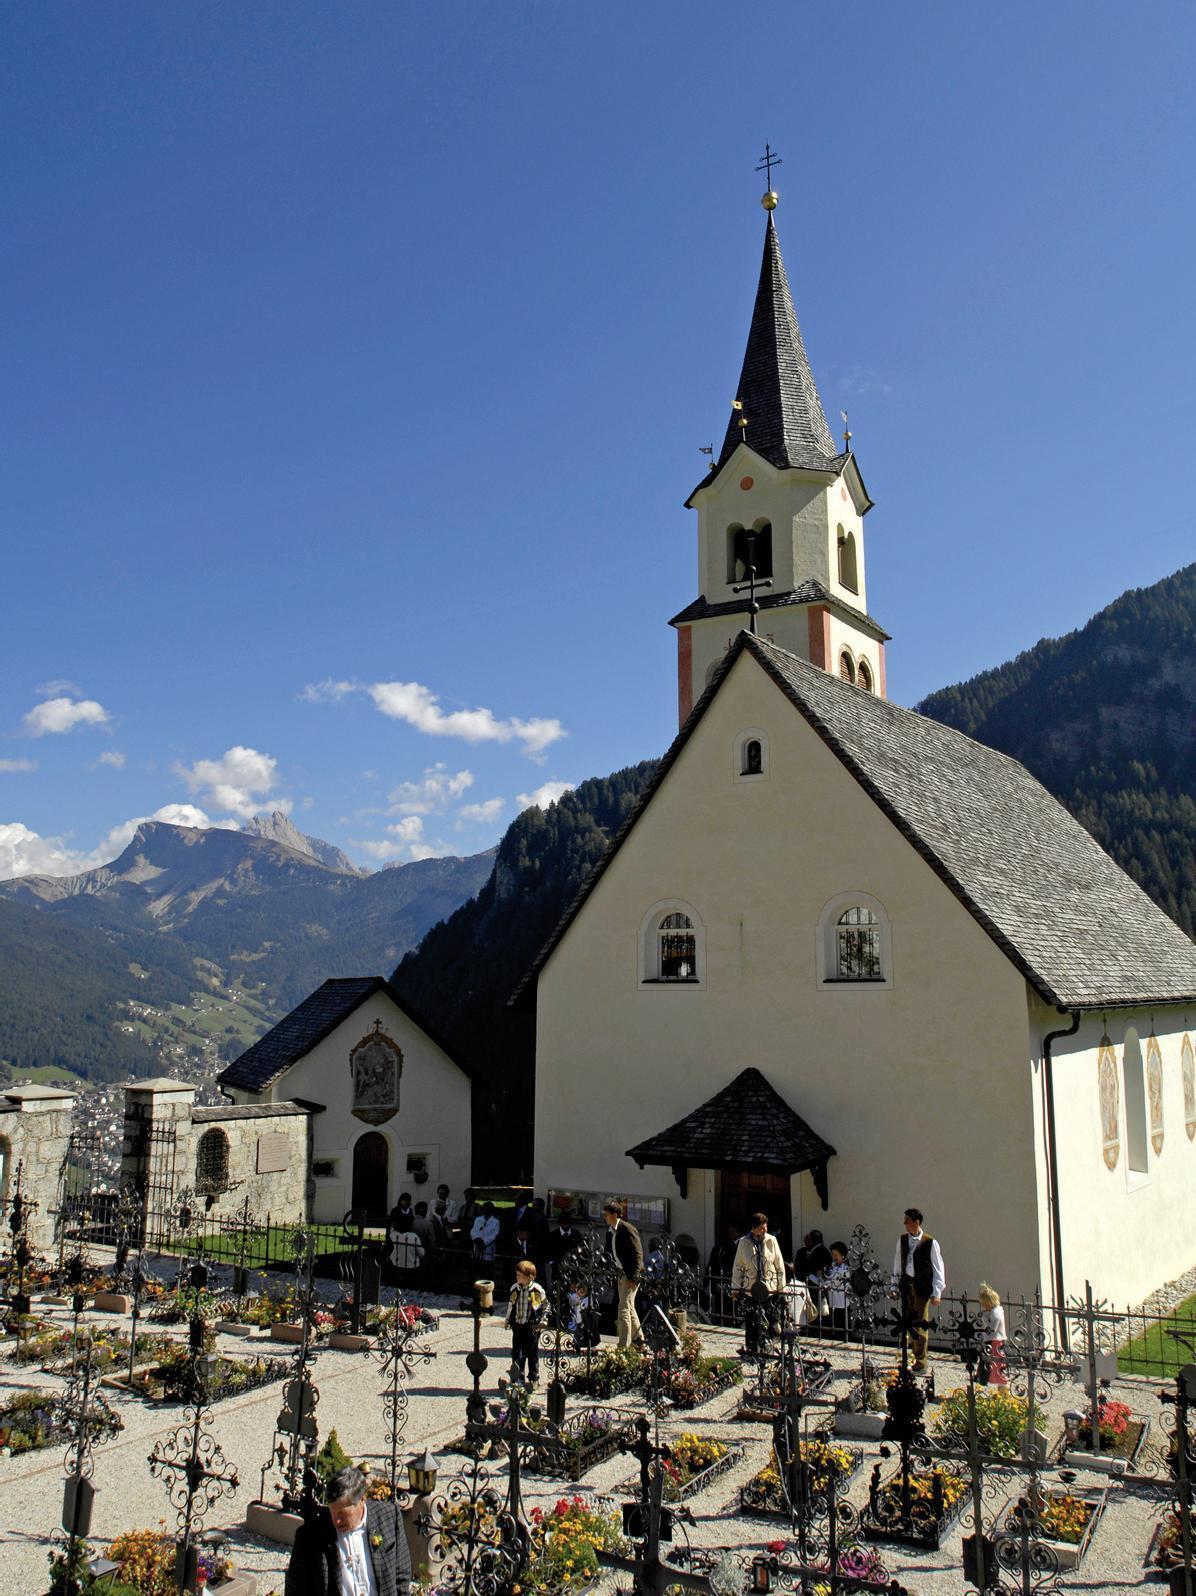 Pufels/Bulla Parish Church